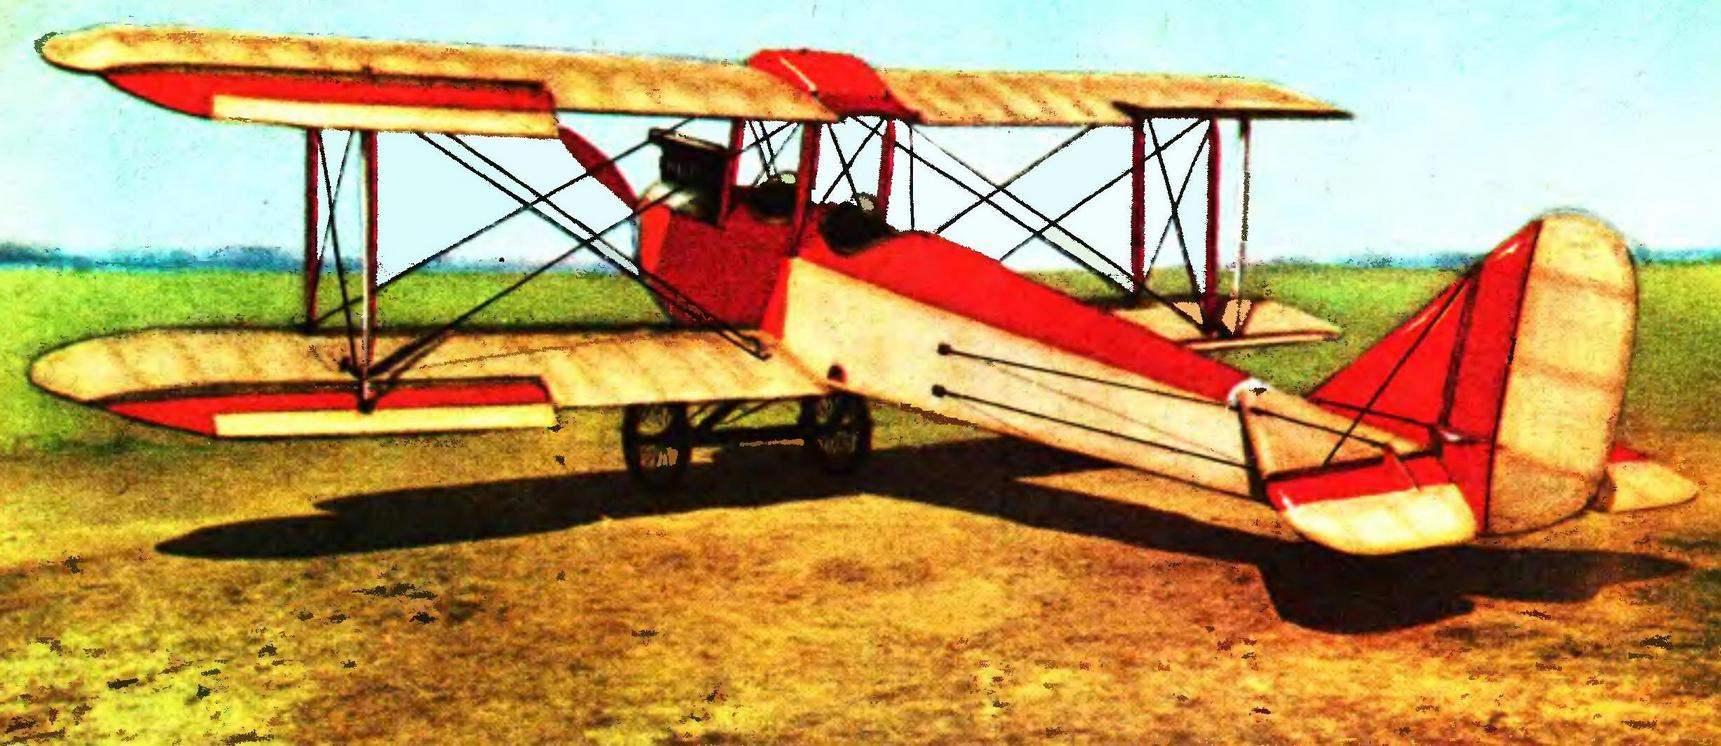 АИР-1. Первый самолет генерального конструктора А. Я. Яковлева.